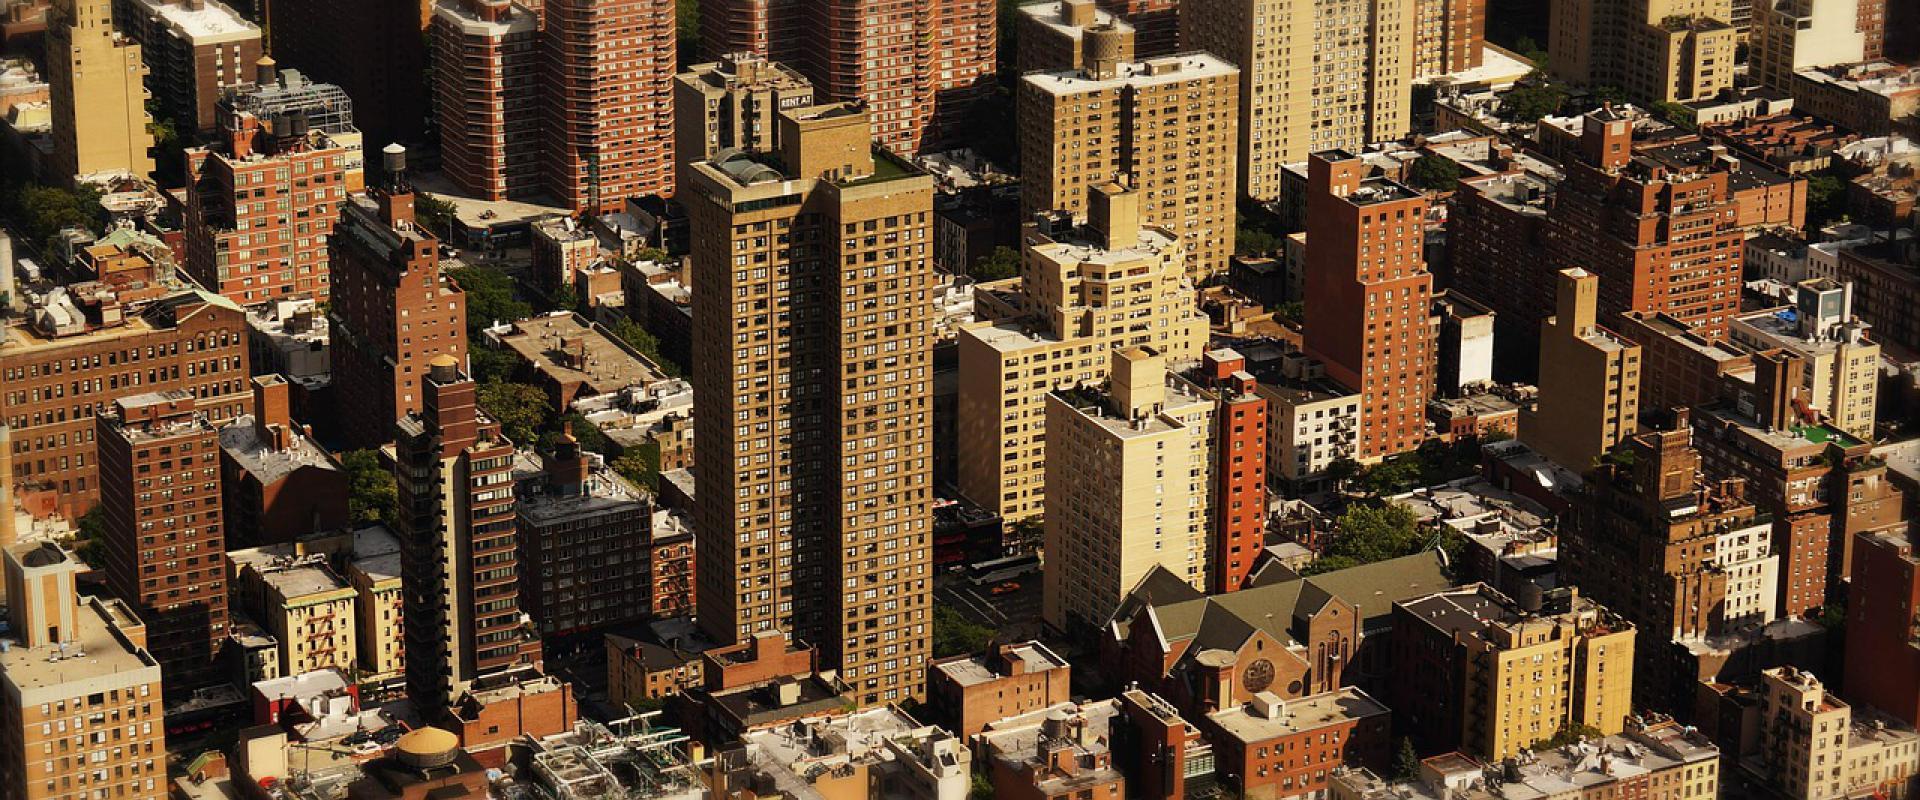 Как быстро продать квартиру, советы риэлтора